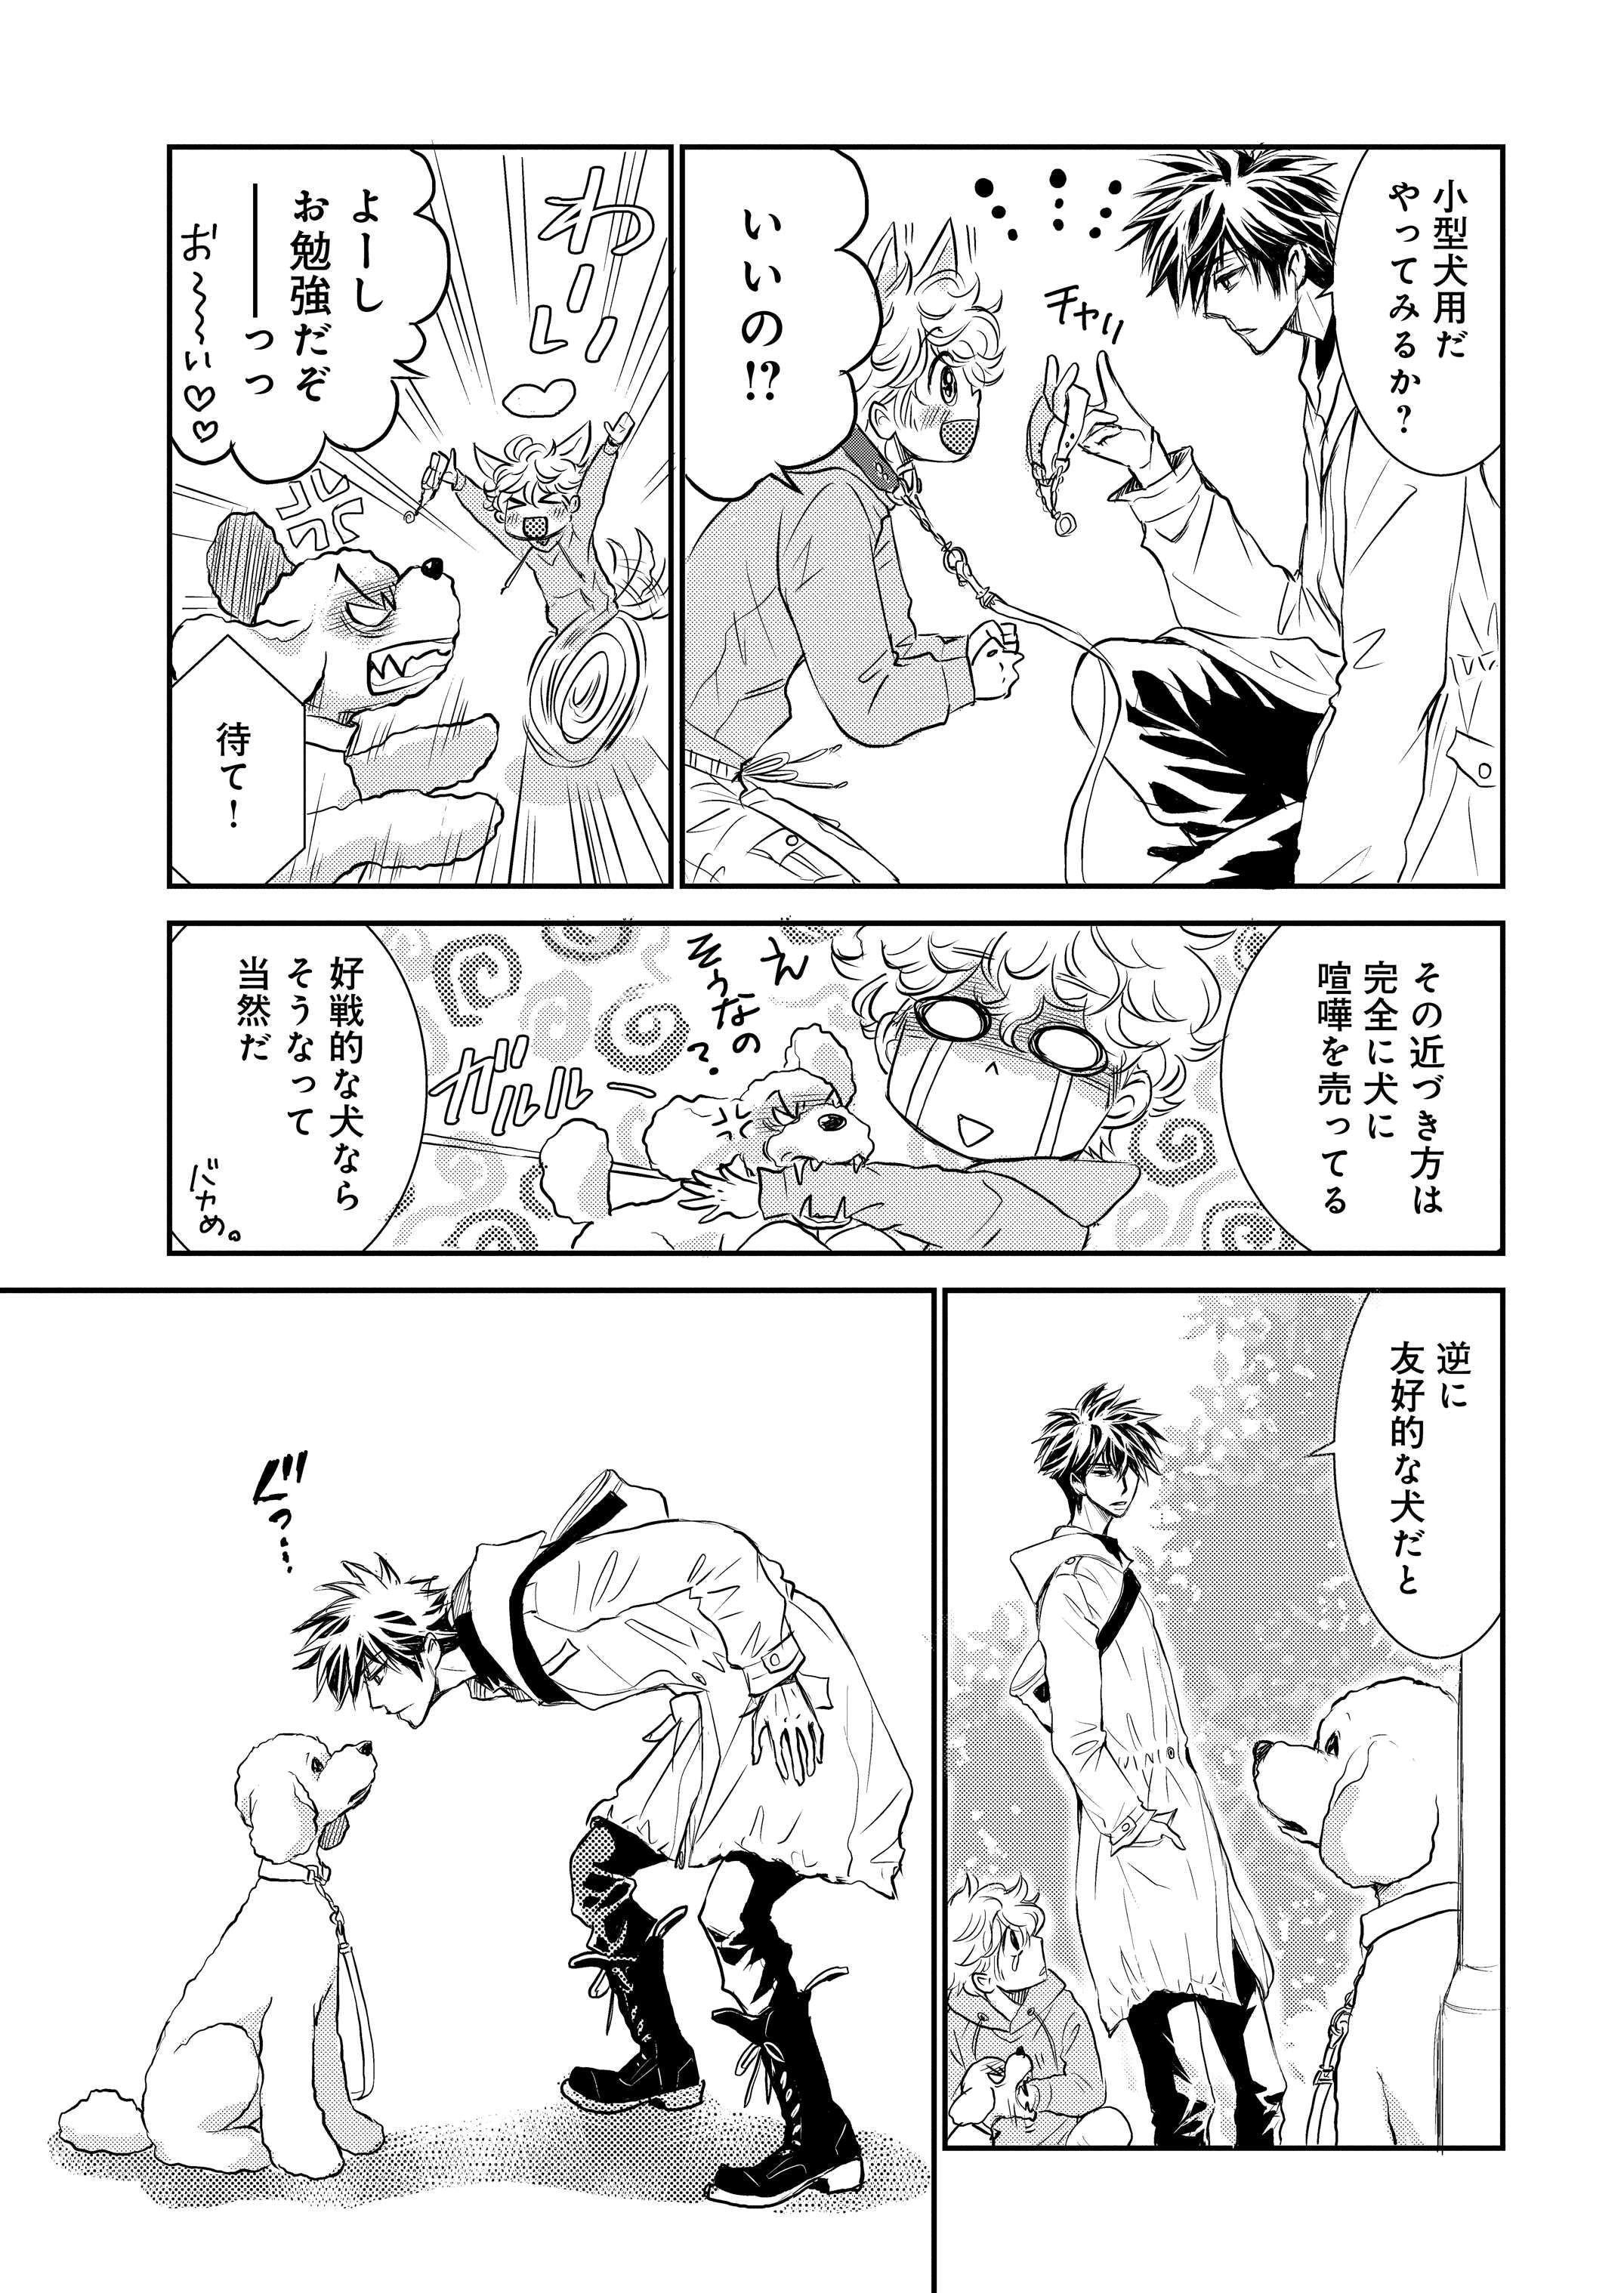 【新連載】『DOG SIGNAL』1話目③ 6ページ目